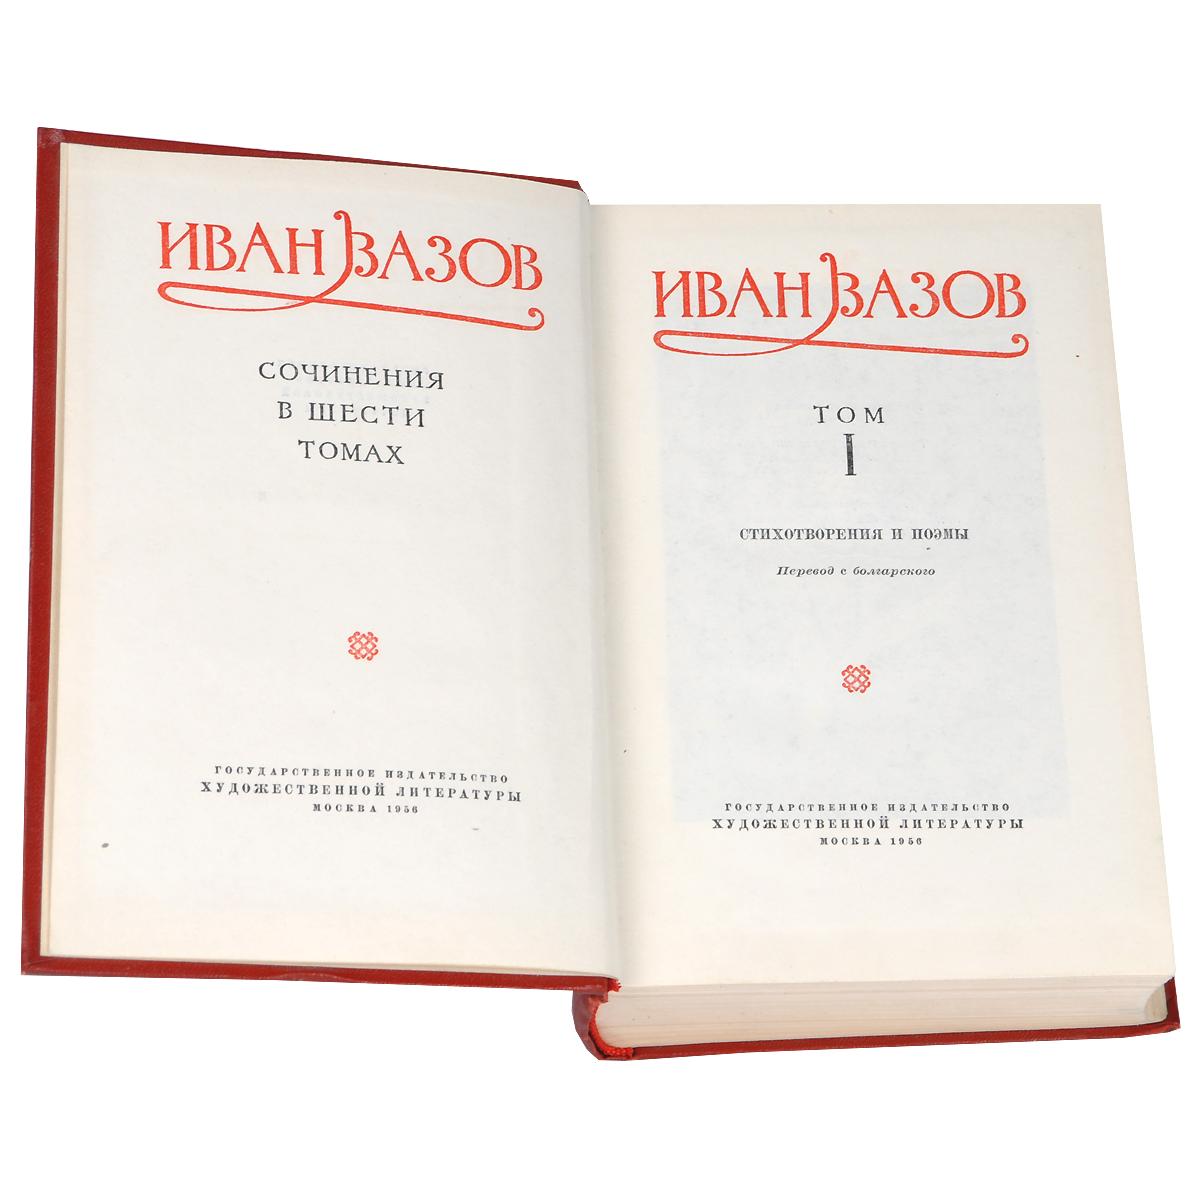 Иван Вазов. Сочинения в 6 томах (комплект из 6 книг)